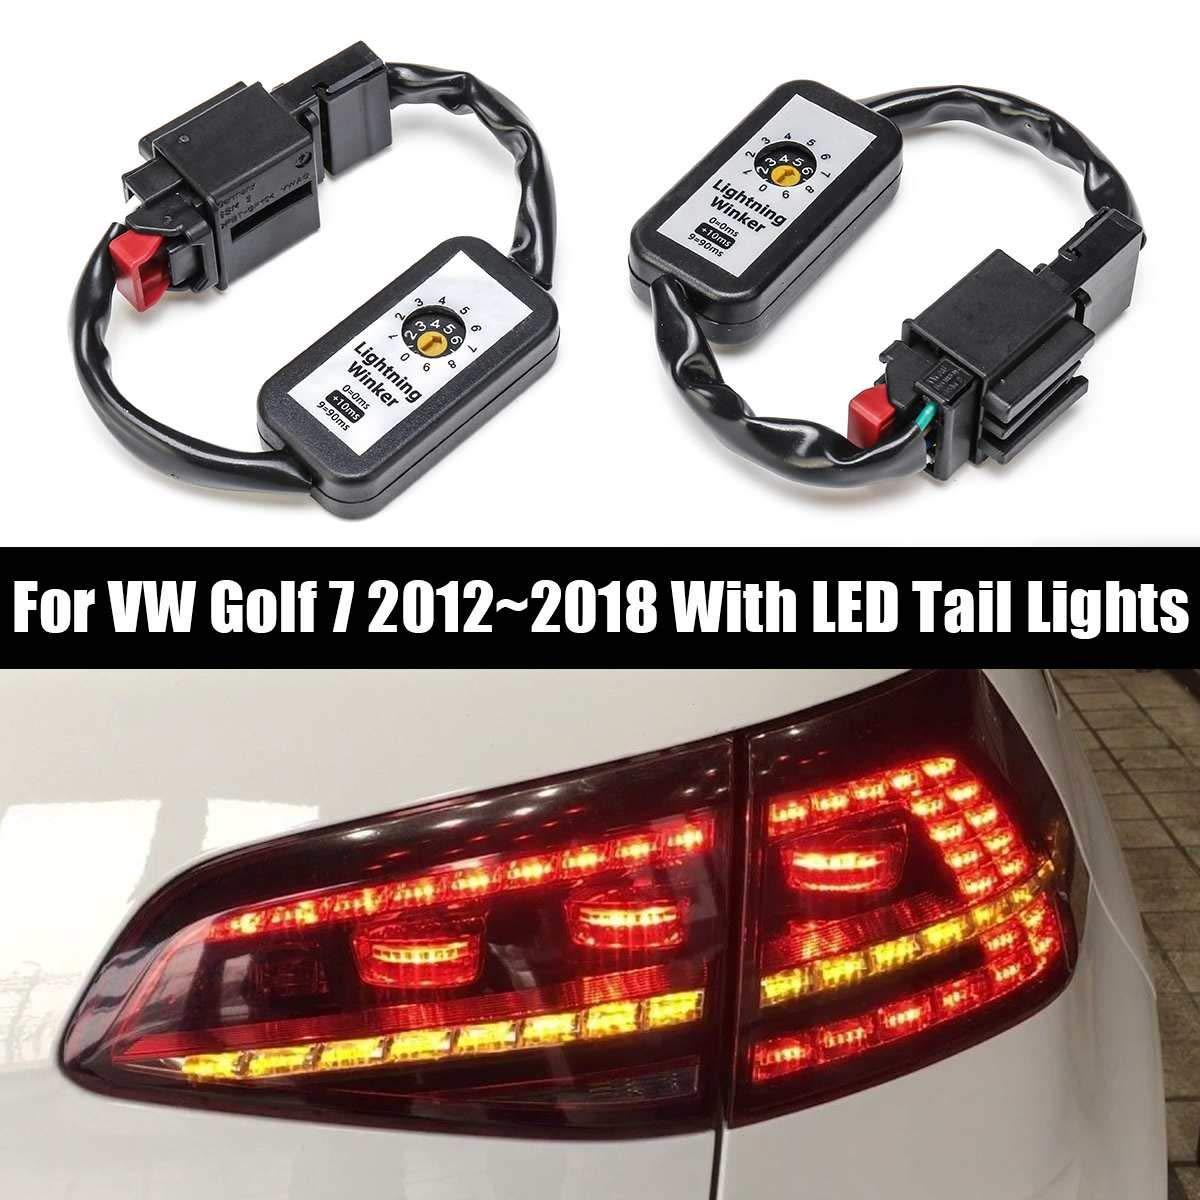 Indicador de señal de giro dinámico negro luz trasera LED módulo Add-On arnés de Cable para VW Golf 7 luz trasera izquierda y derecha 2 uds